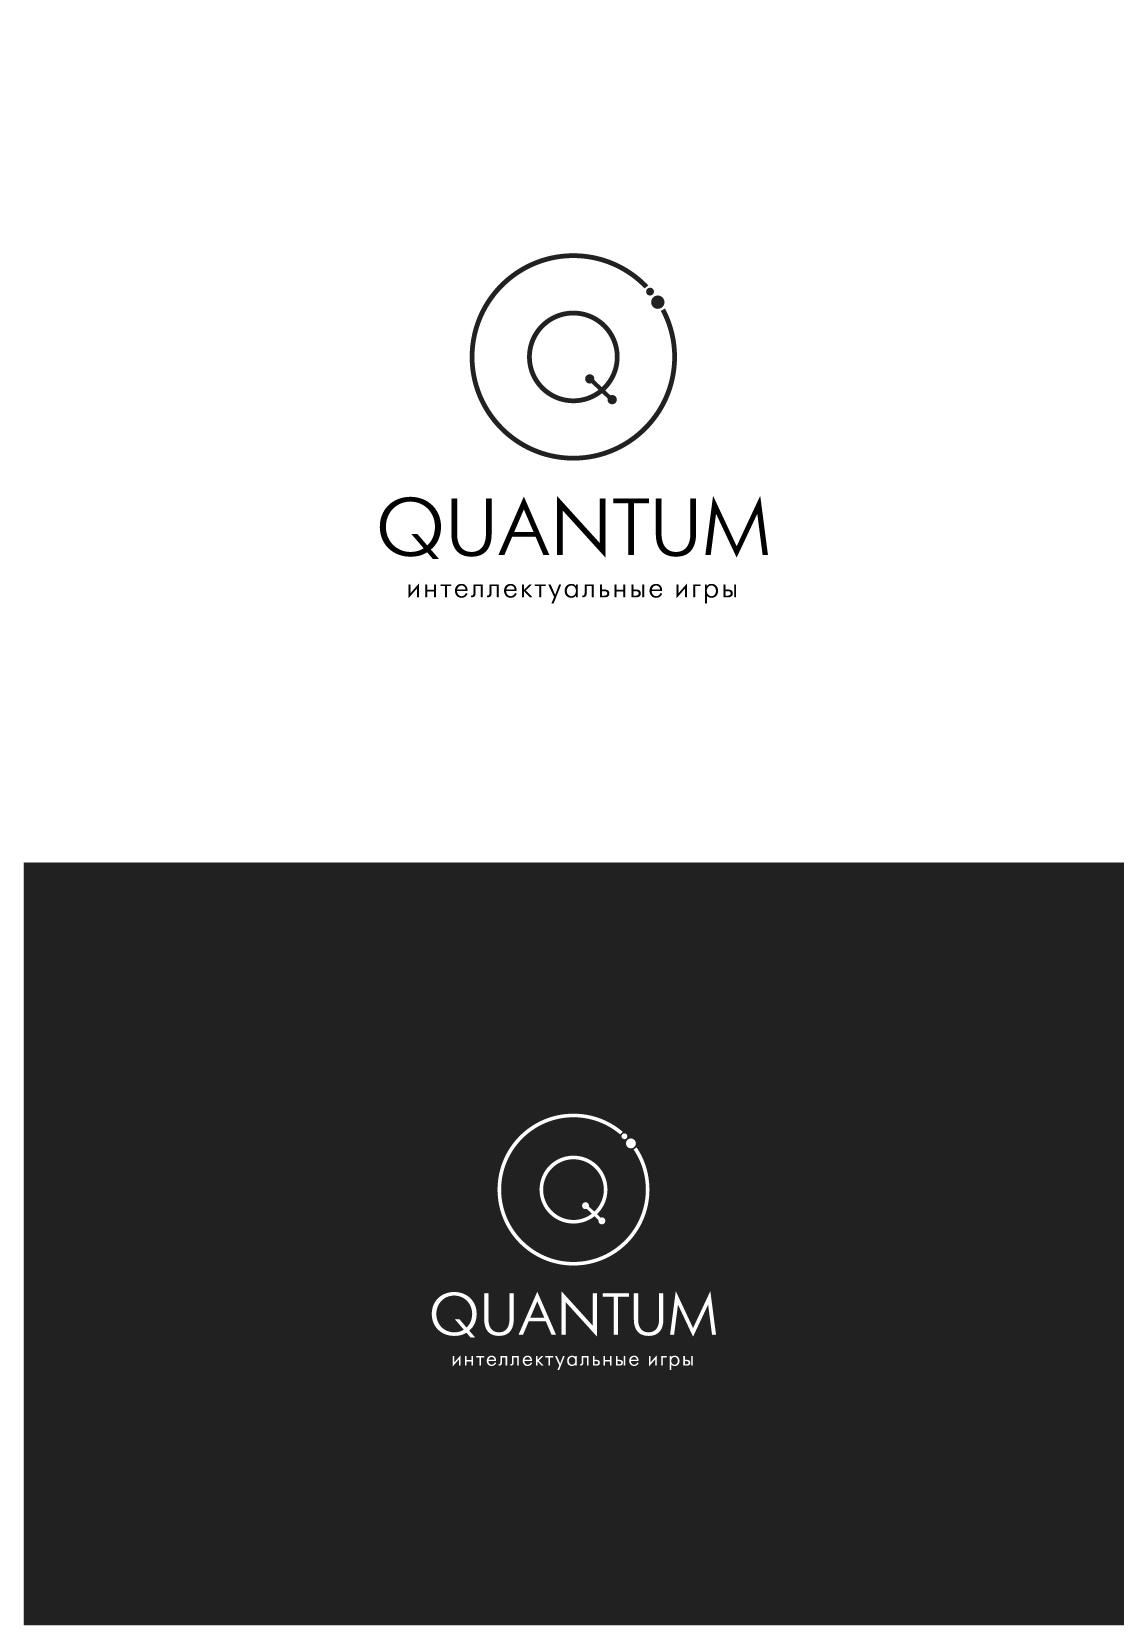 Редизайн логотипа бренда интеллектуальной игры фото f_7835bc881d672862.jpg